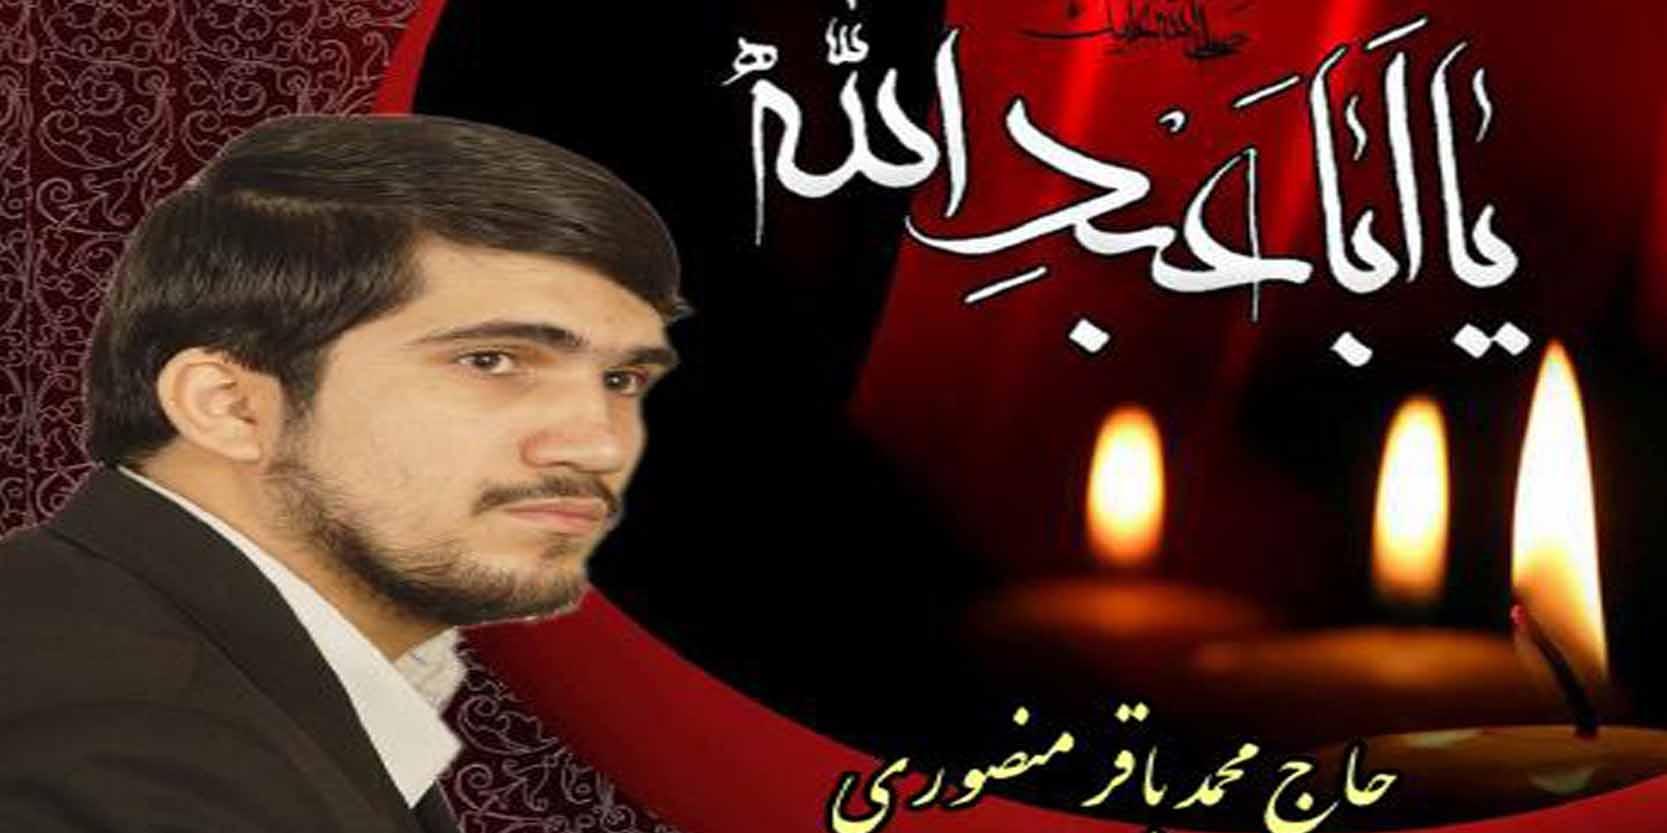 دانلود مداحی آقای محمدباقر منصوری